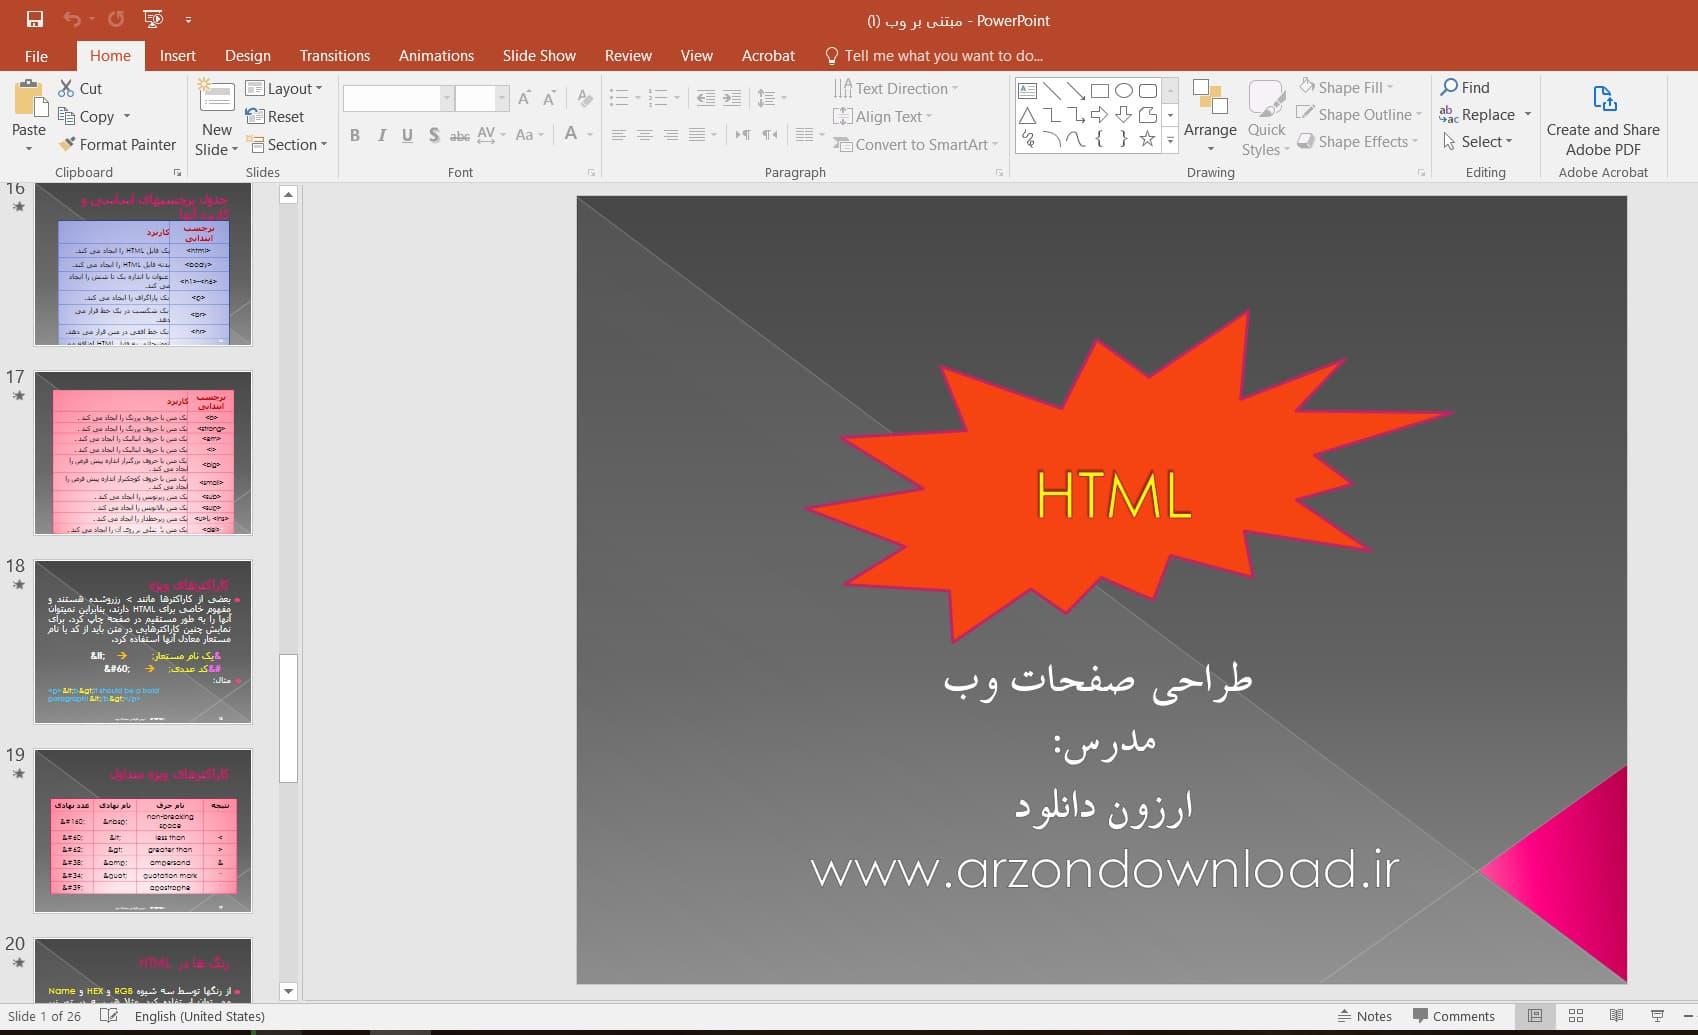 پاورپوینت برنامه نویسی مبتنی بر وب - پاورپوینت آموزش طراحی وب با HTML